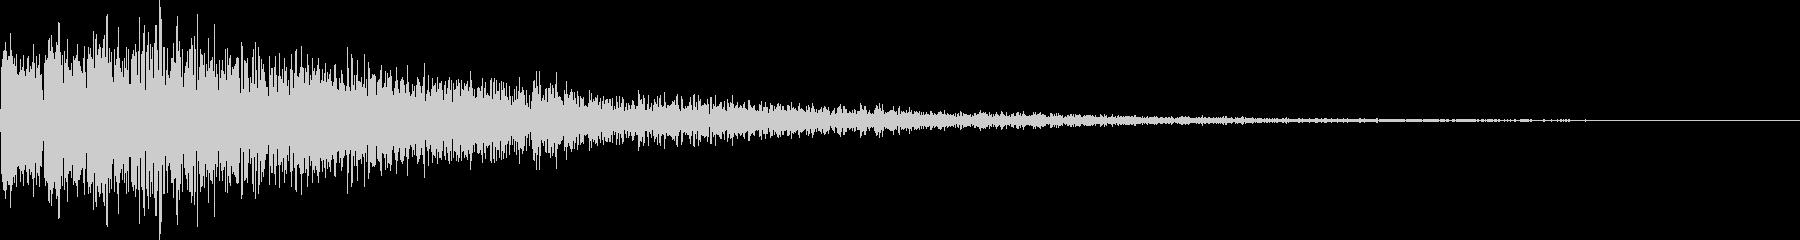 デロロローン(ステージ移動、ネガティブ)の未再生の波形